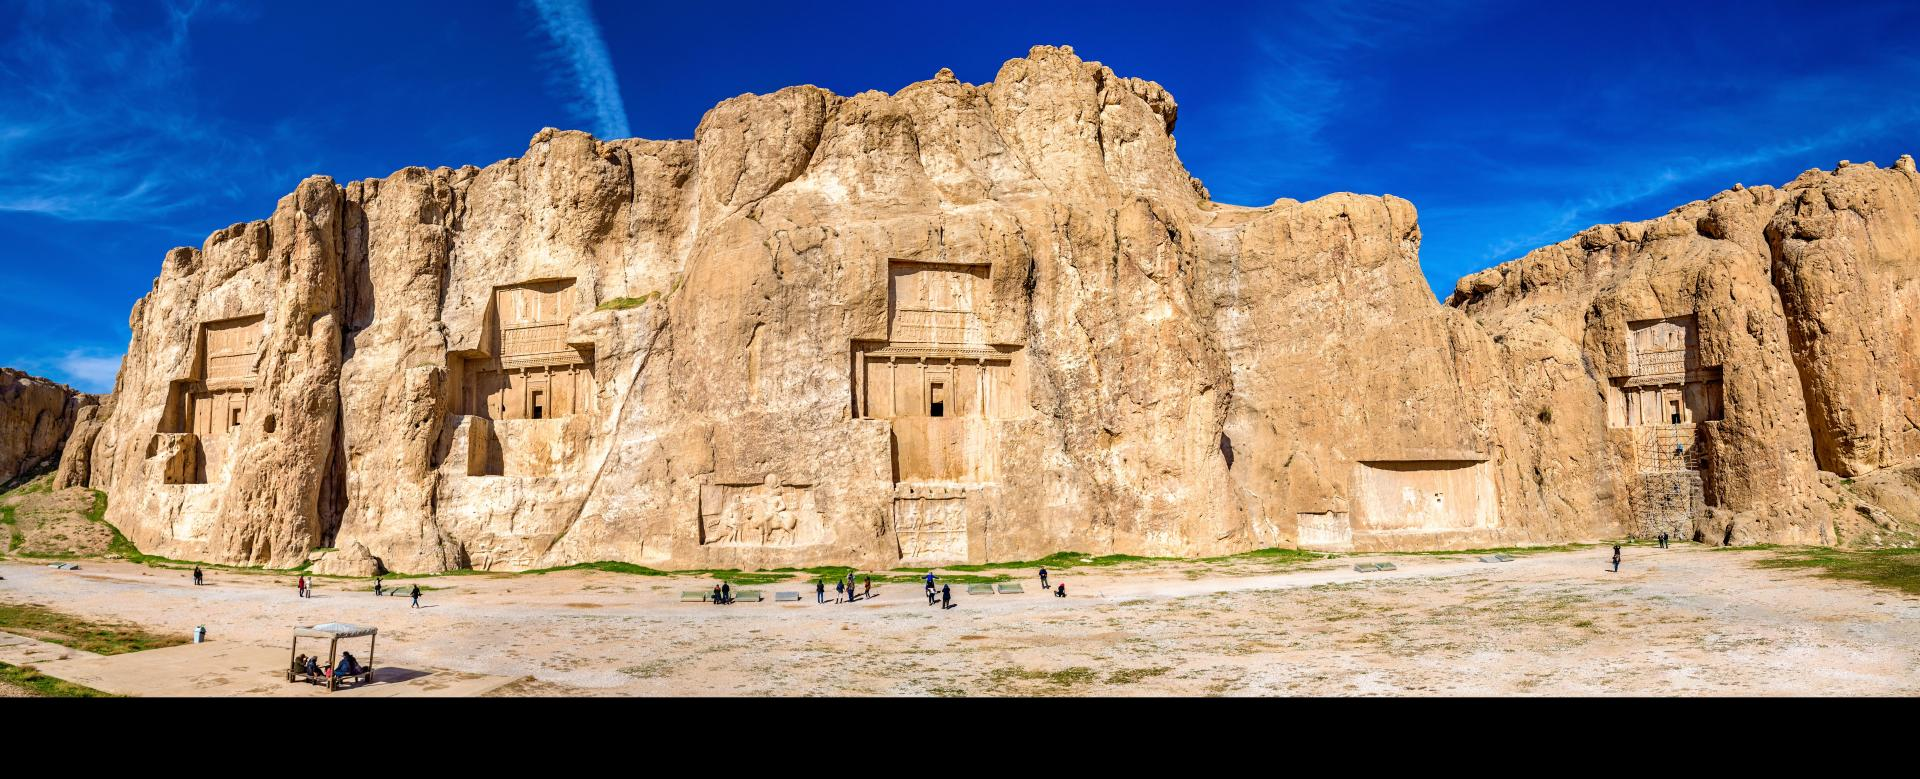 Voyage sur l'eau : Des sables aux jardins persans